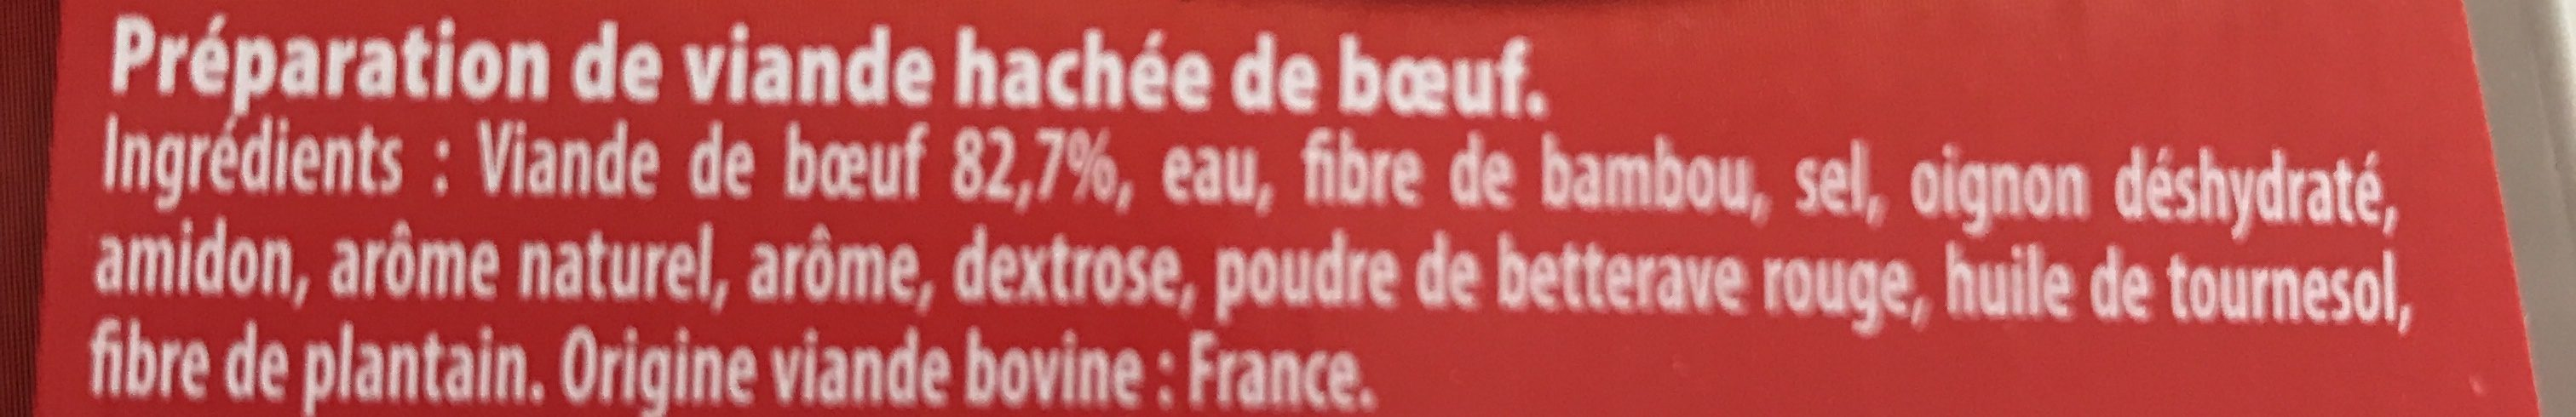 Boulettes au boeuf, BIGARD, 15 pièces, 375g, France - Ingrédients